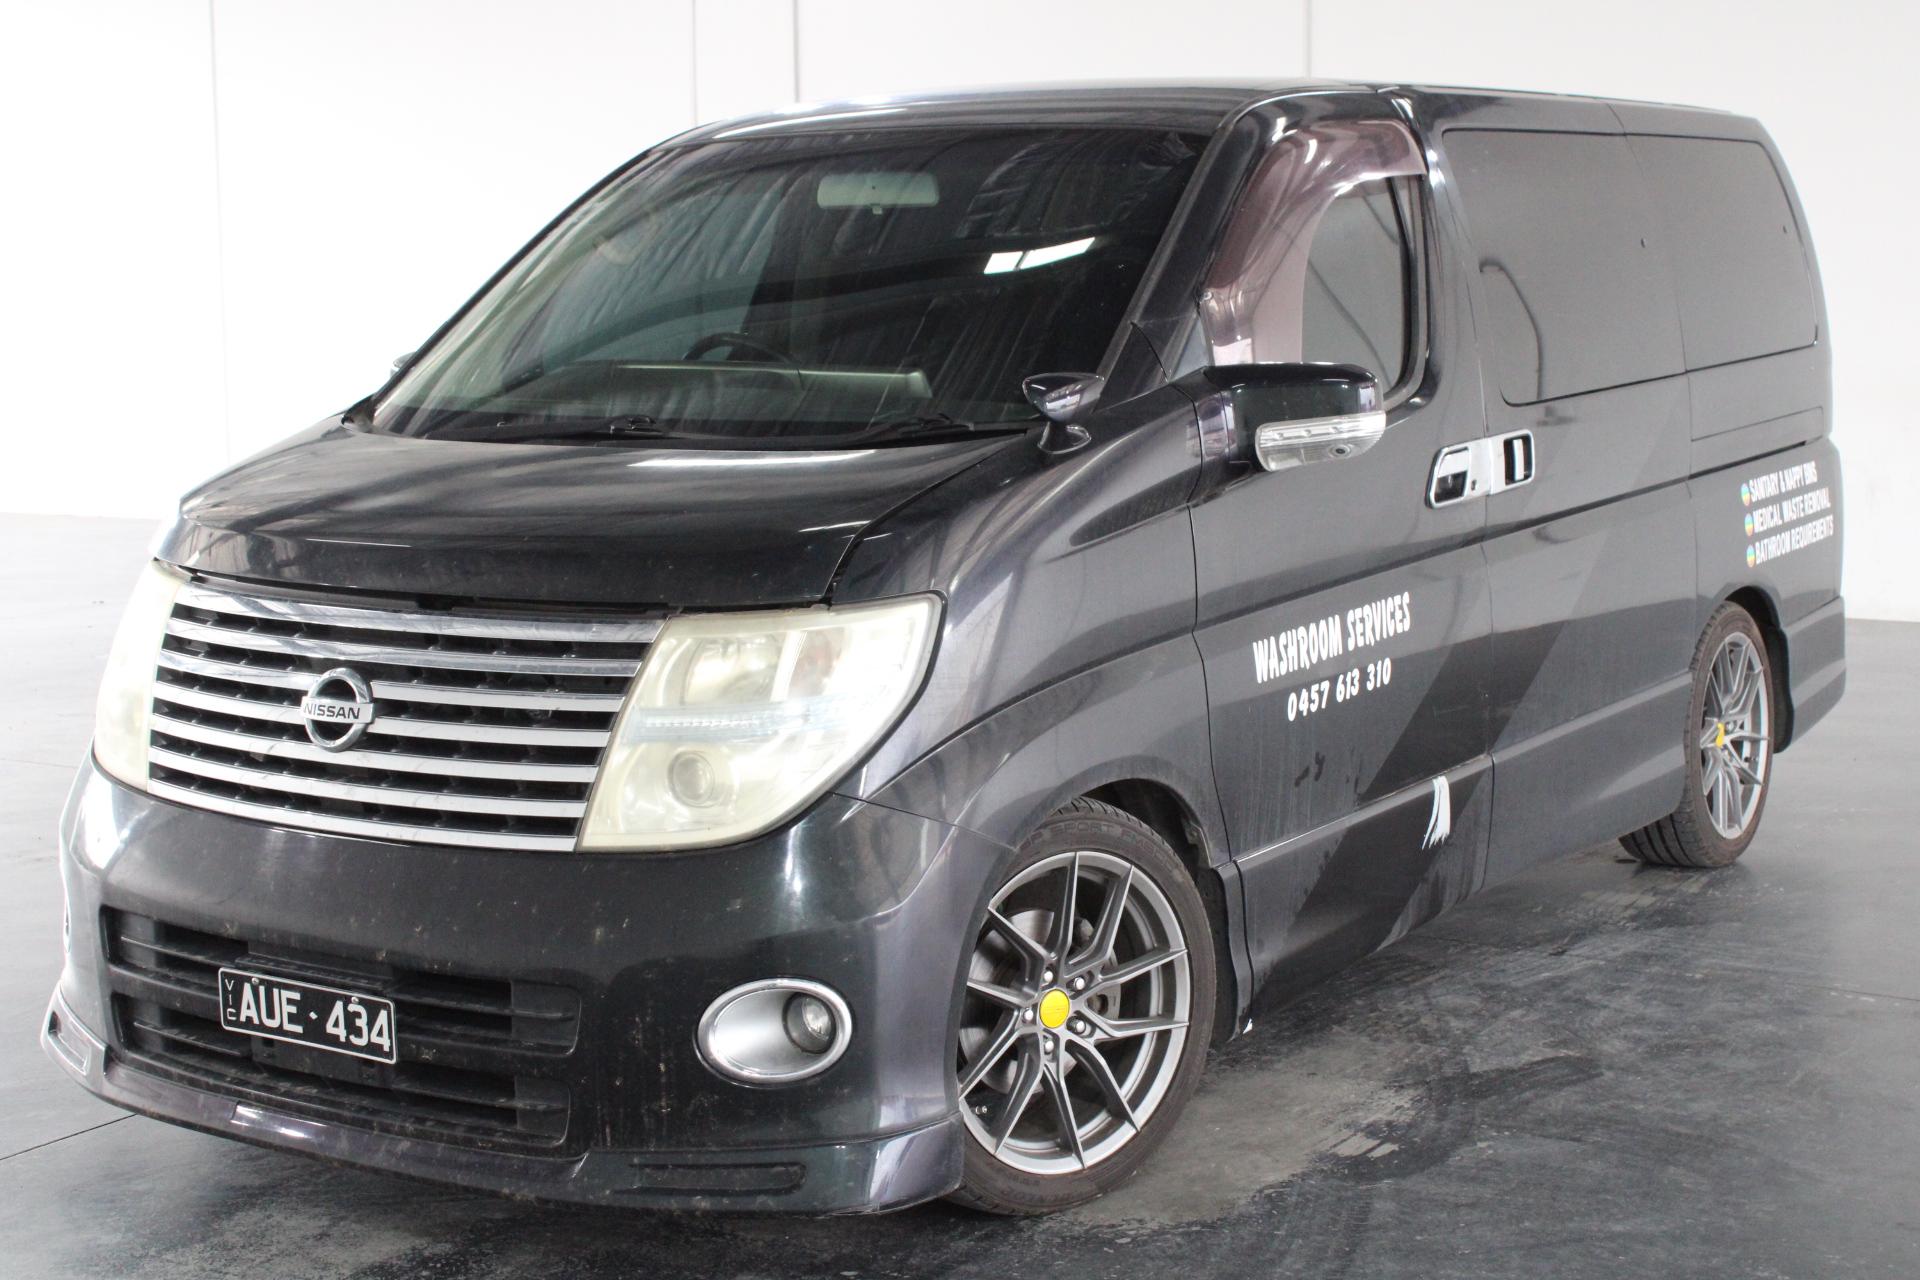 2007 Nissan Elgrand Automatic 7 Seats Van